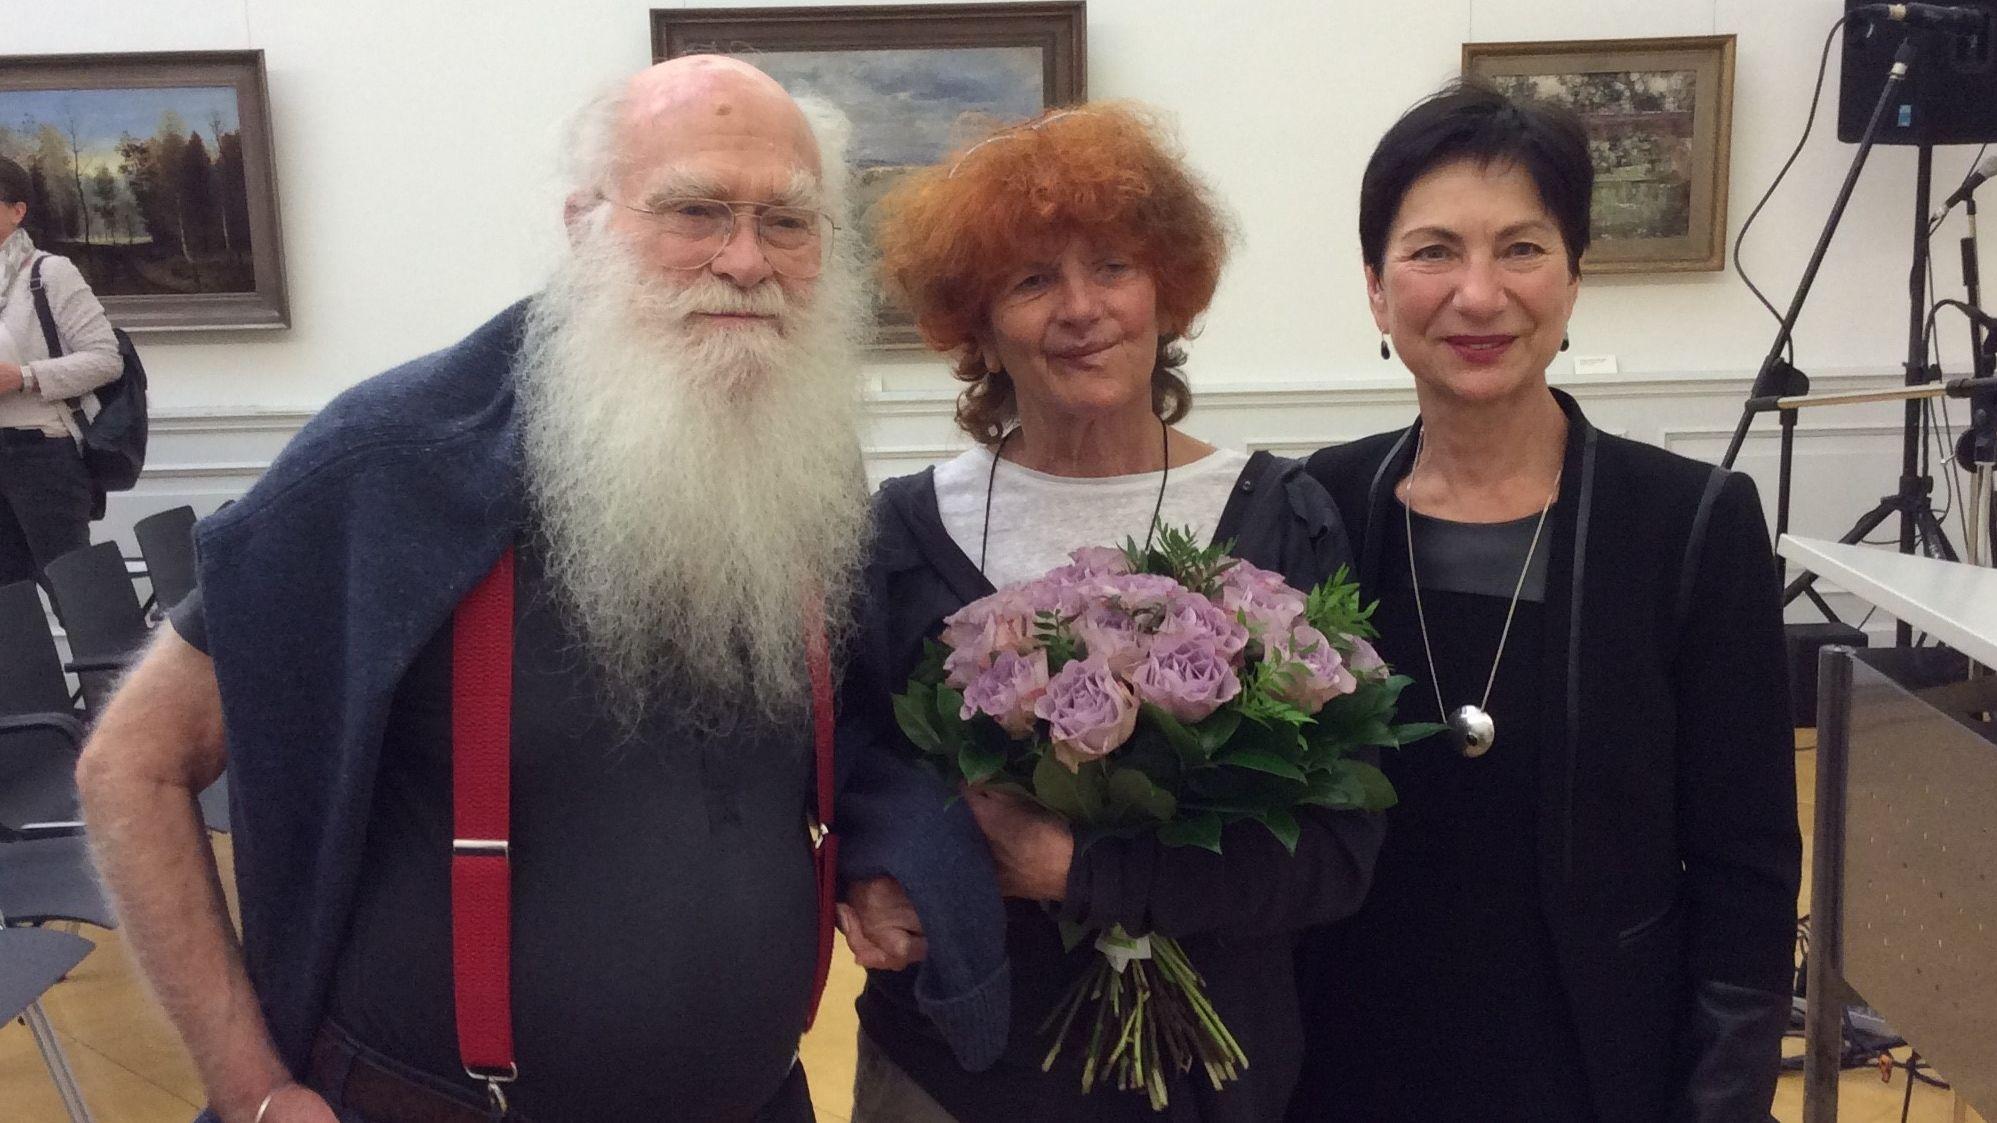 Der Künstler Herman de Vries, Ehefrau Susanne de Vries und Renate Ortloff, Kulturbeauftragte des Landkreises Haßberge, freuen sich über die Verleihung des Gerhard-Altenbourg-Preises.